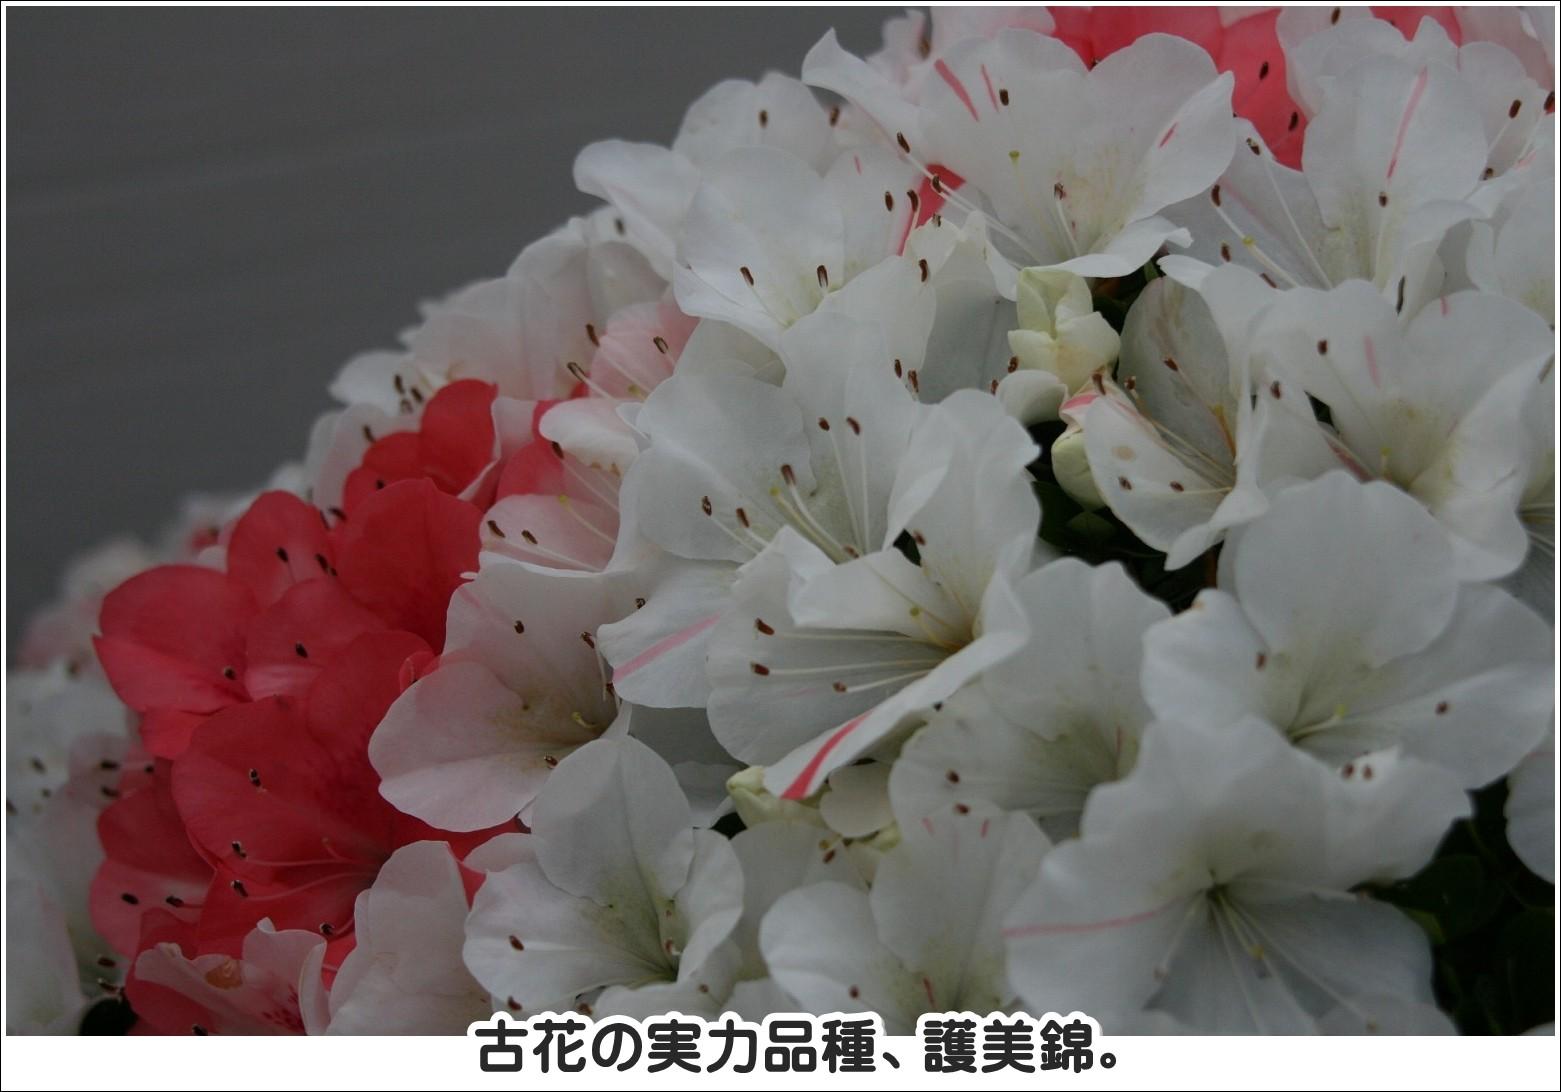 古花の実力品種、護美錦。